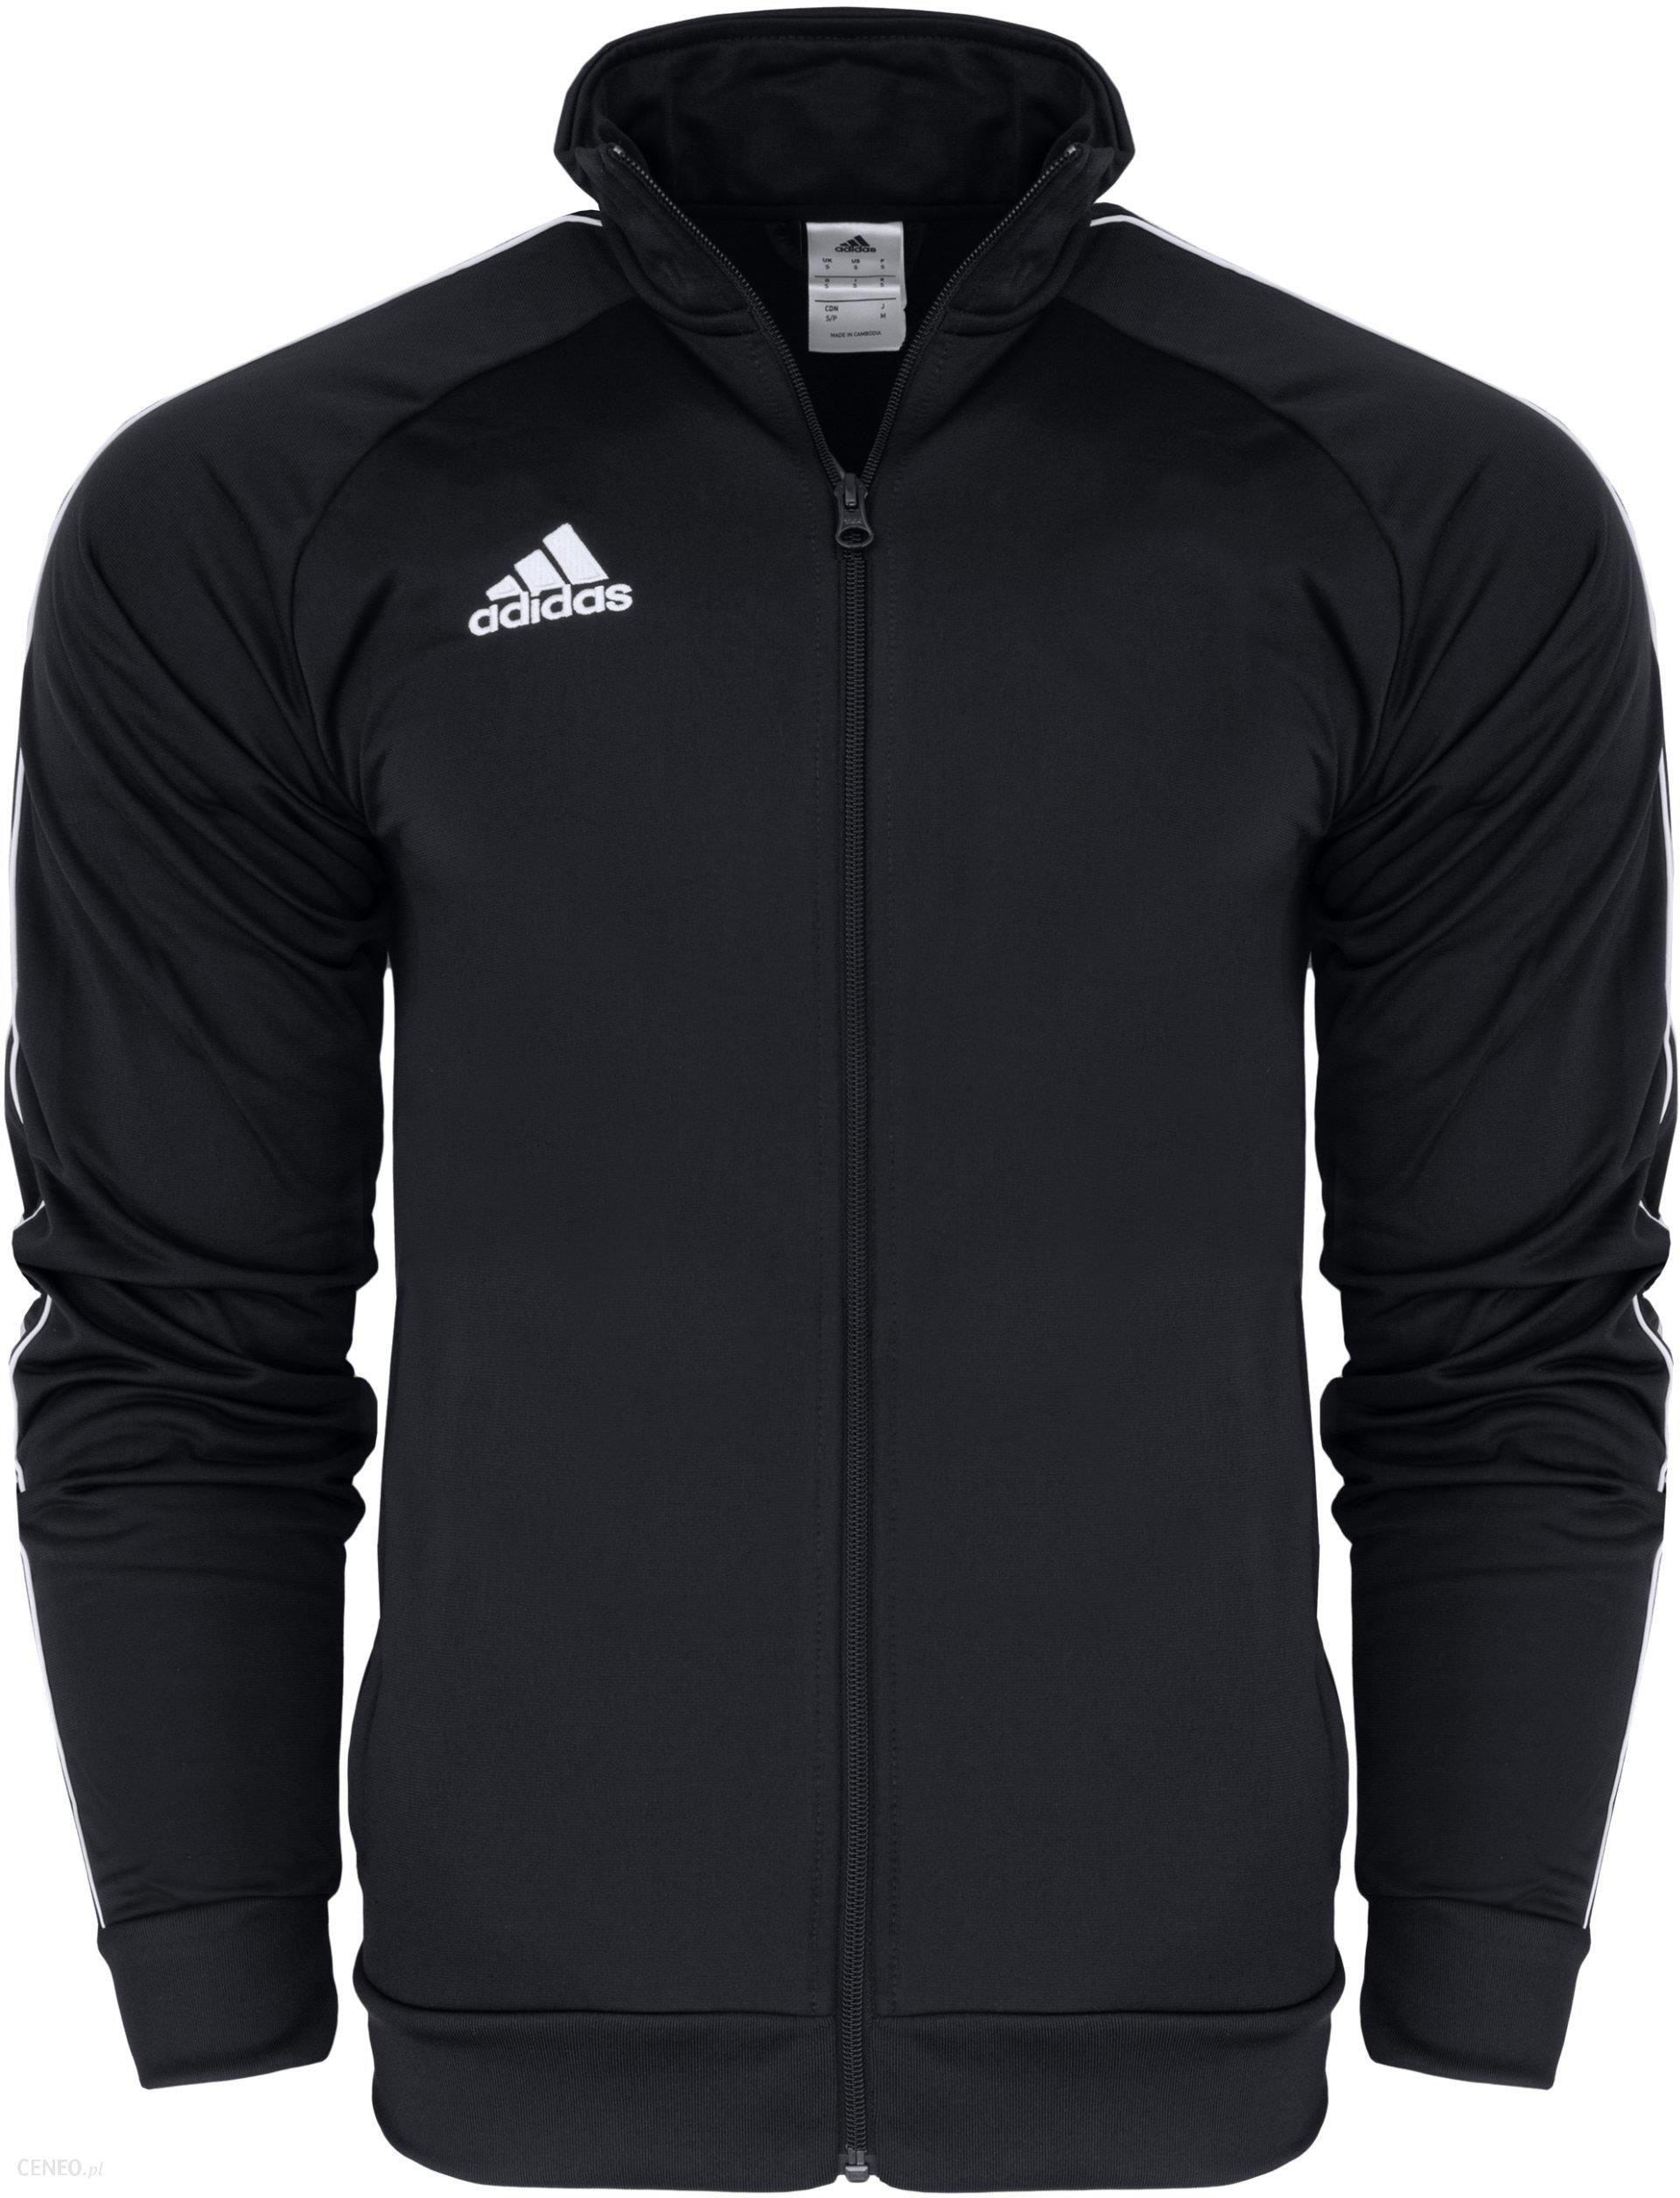 adidas bluza rozpinana czarna